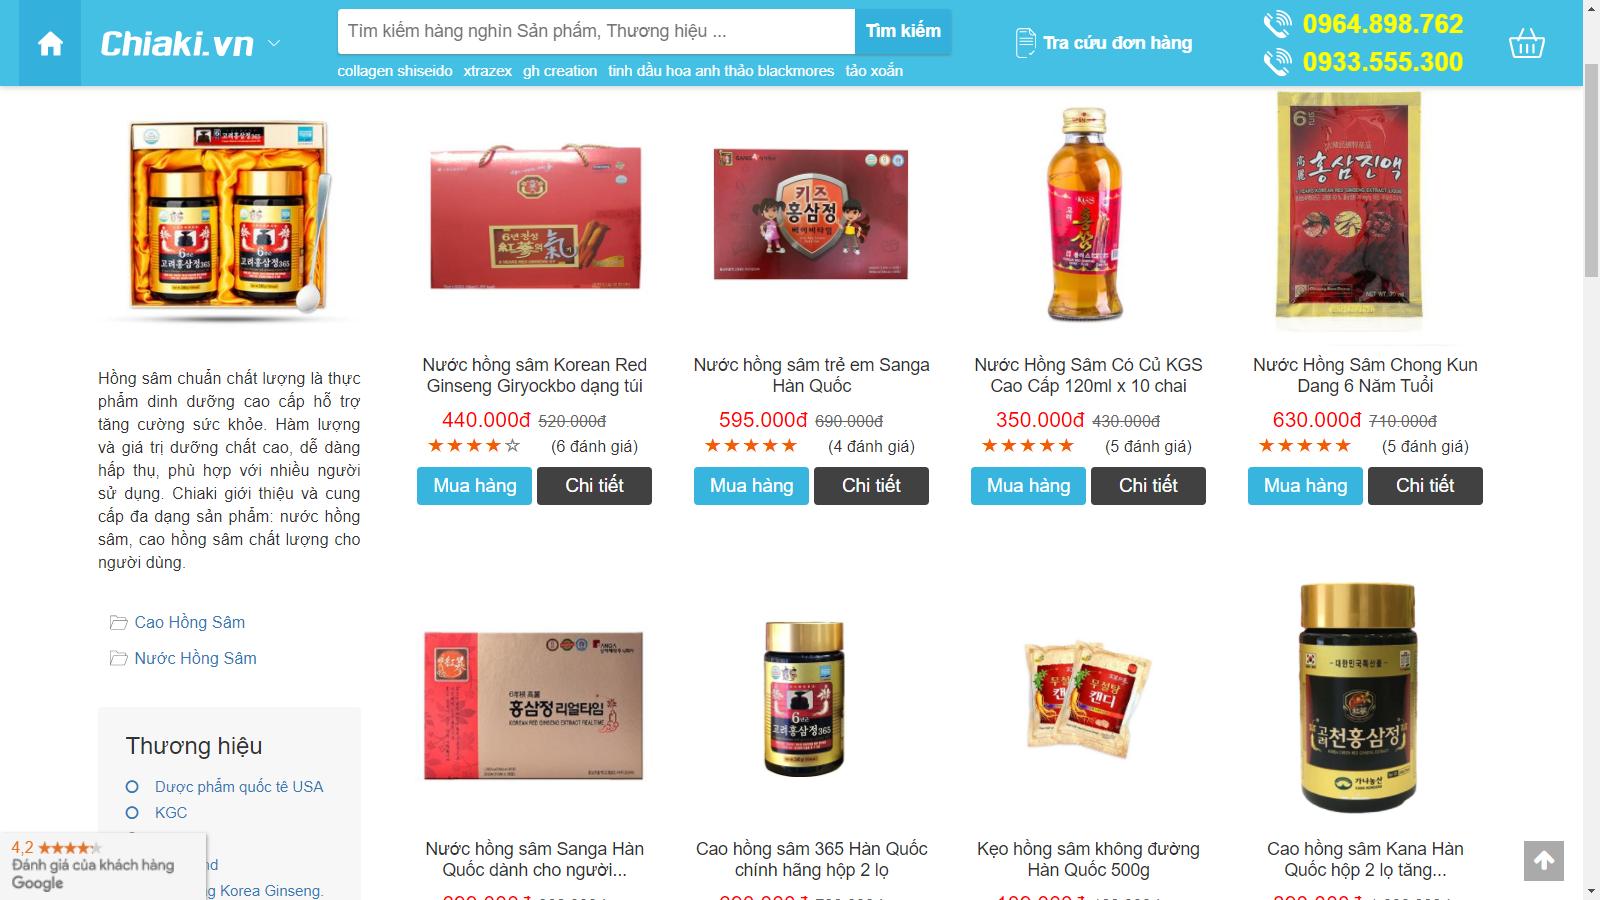 Mua các sản phẩm hồng sâm tại chiaki.vn